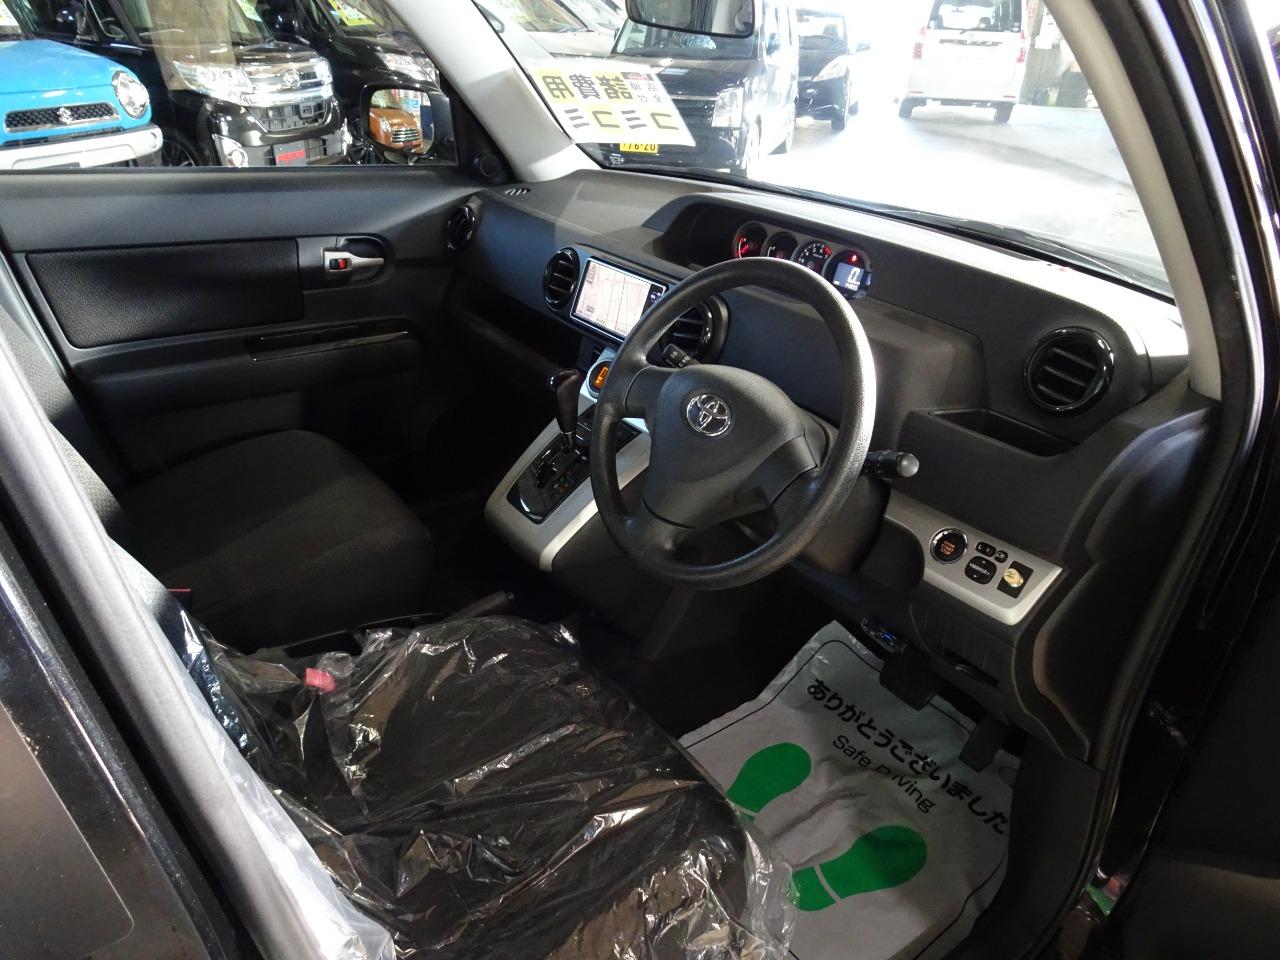 トヨタカローラ ルミオンの画像9